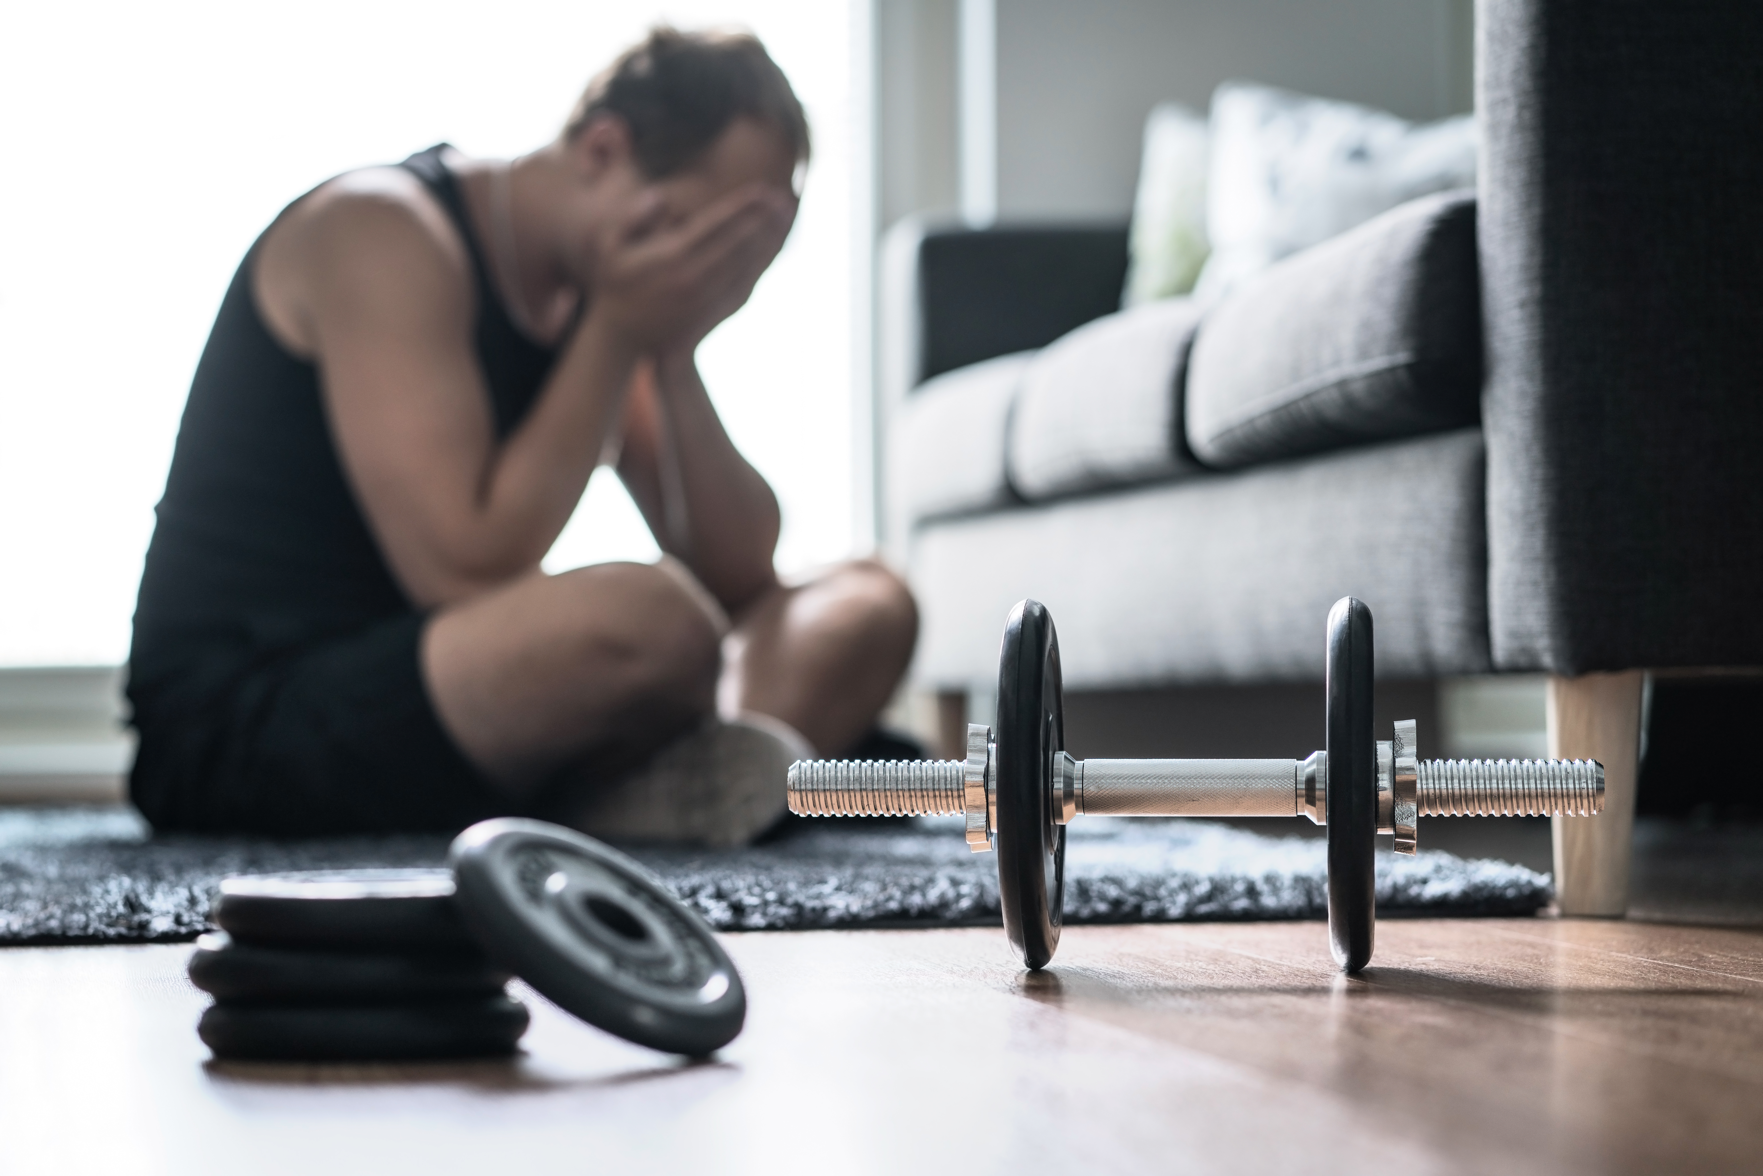 le sport inensif : attention aux excès